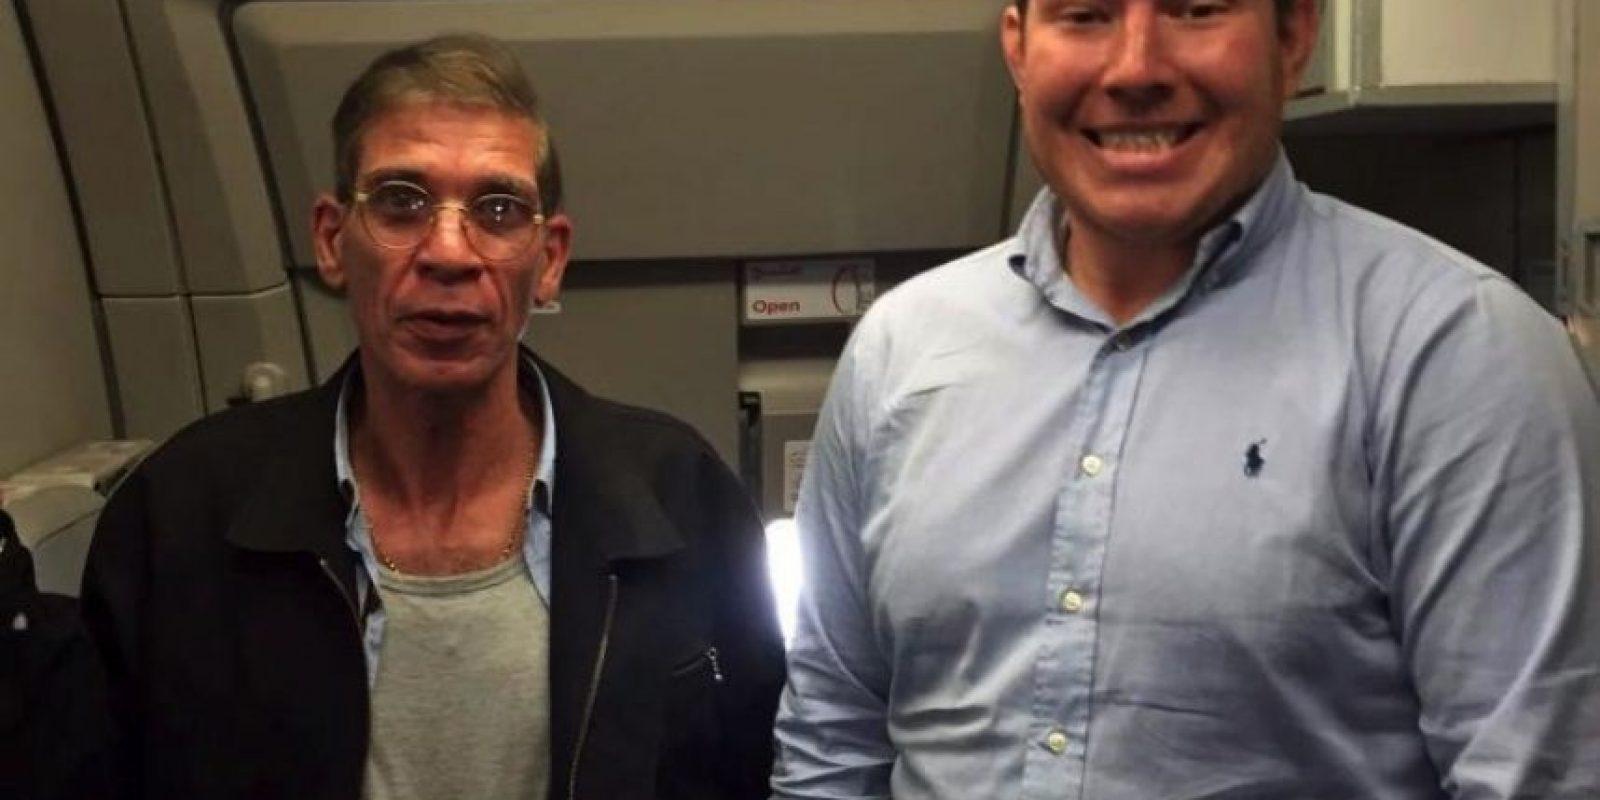 Esta fue una de las fotografías de la semana. Un hombre posa junto a un presunto suicida que planeaba hacer estallar un avión Foto:Twitter